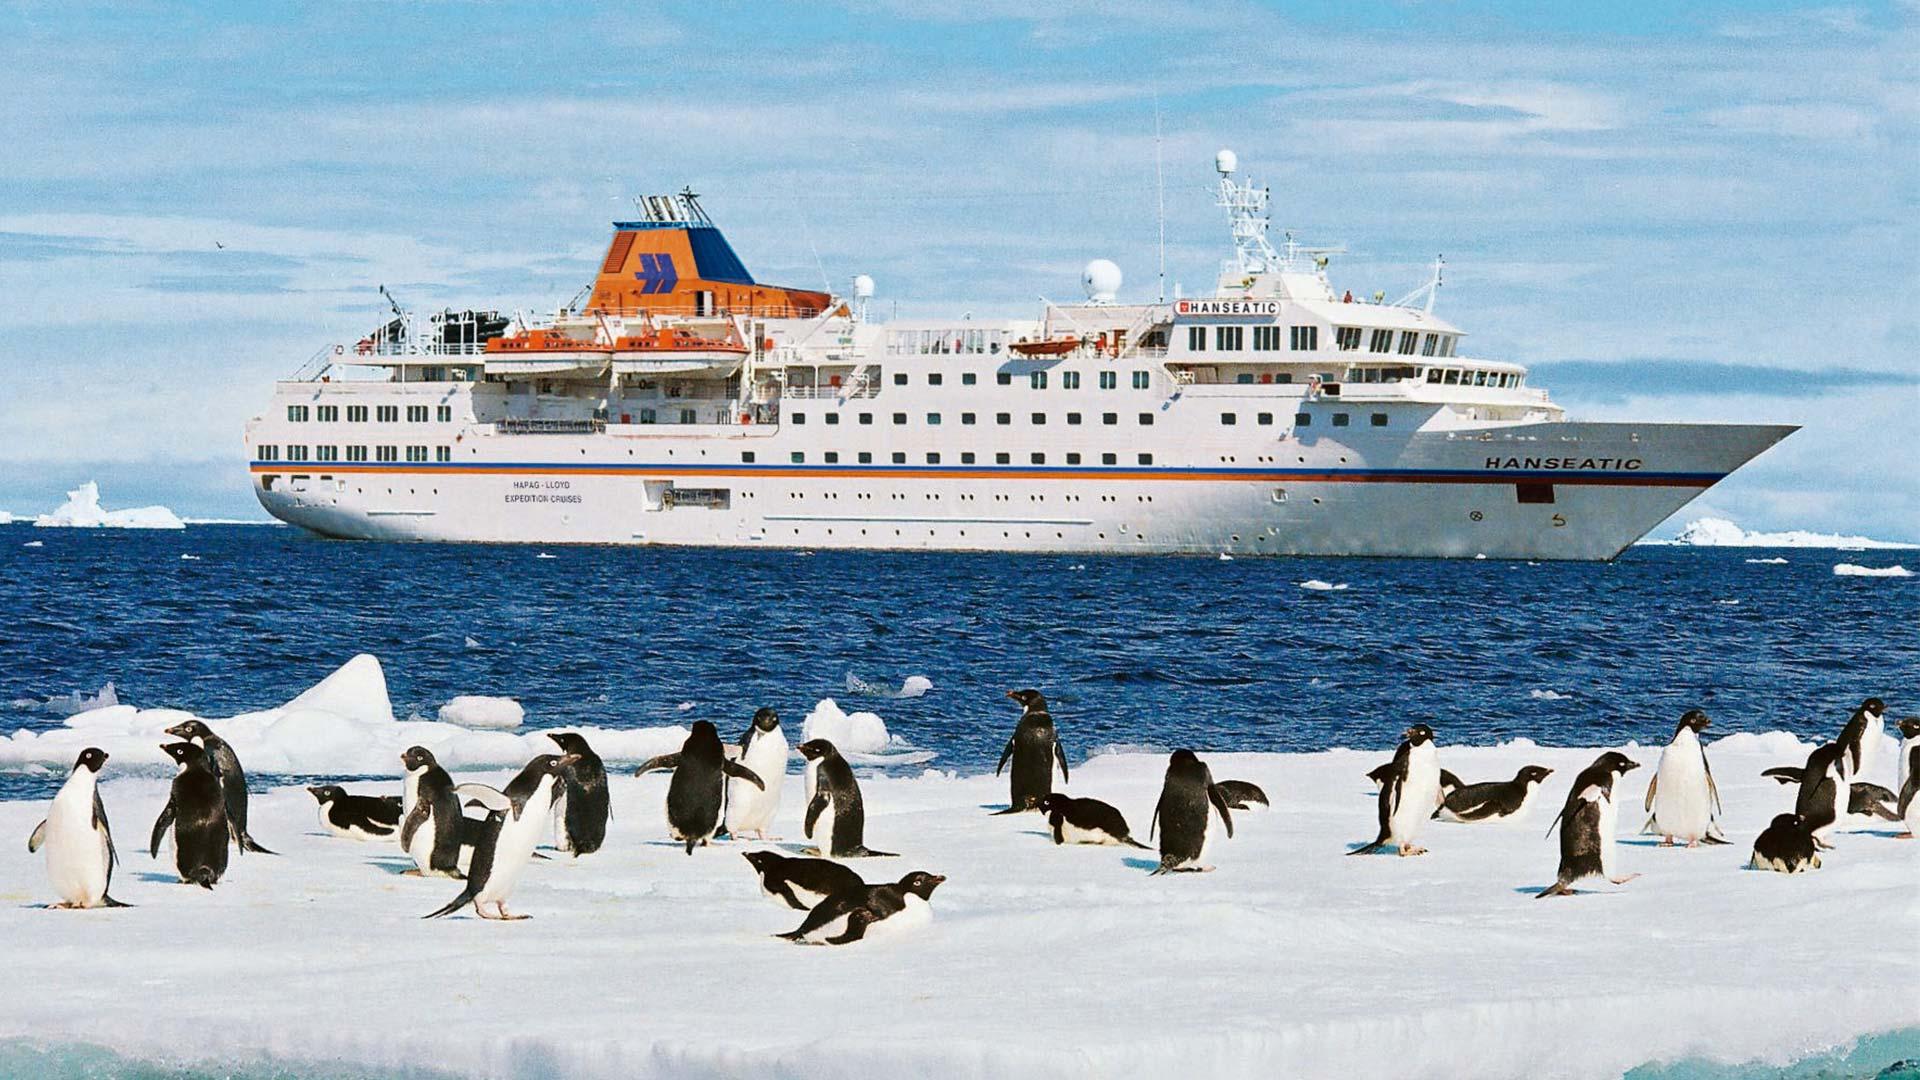 Die MS HANSEATIC bei den Pinguinen in der Antarktis. © HLKF